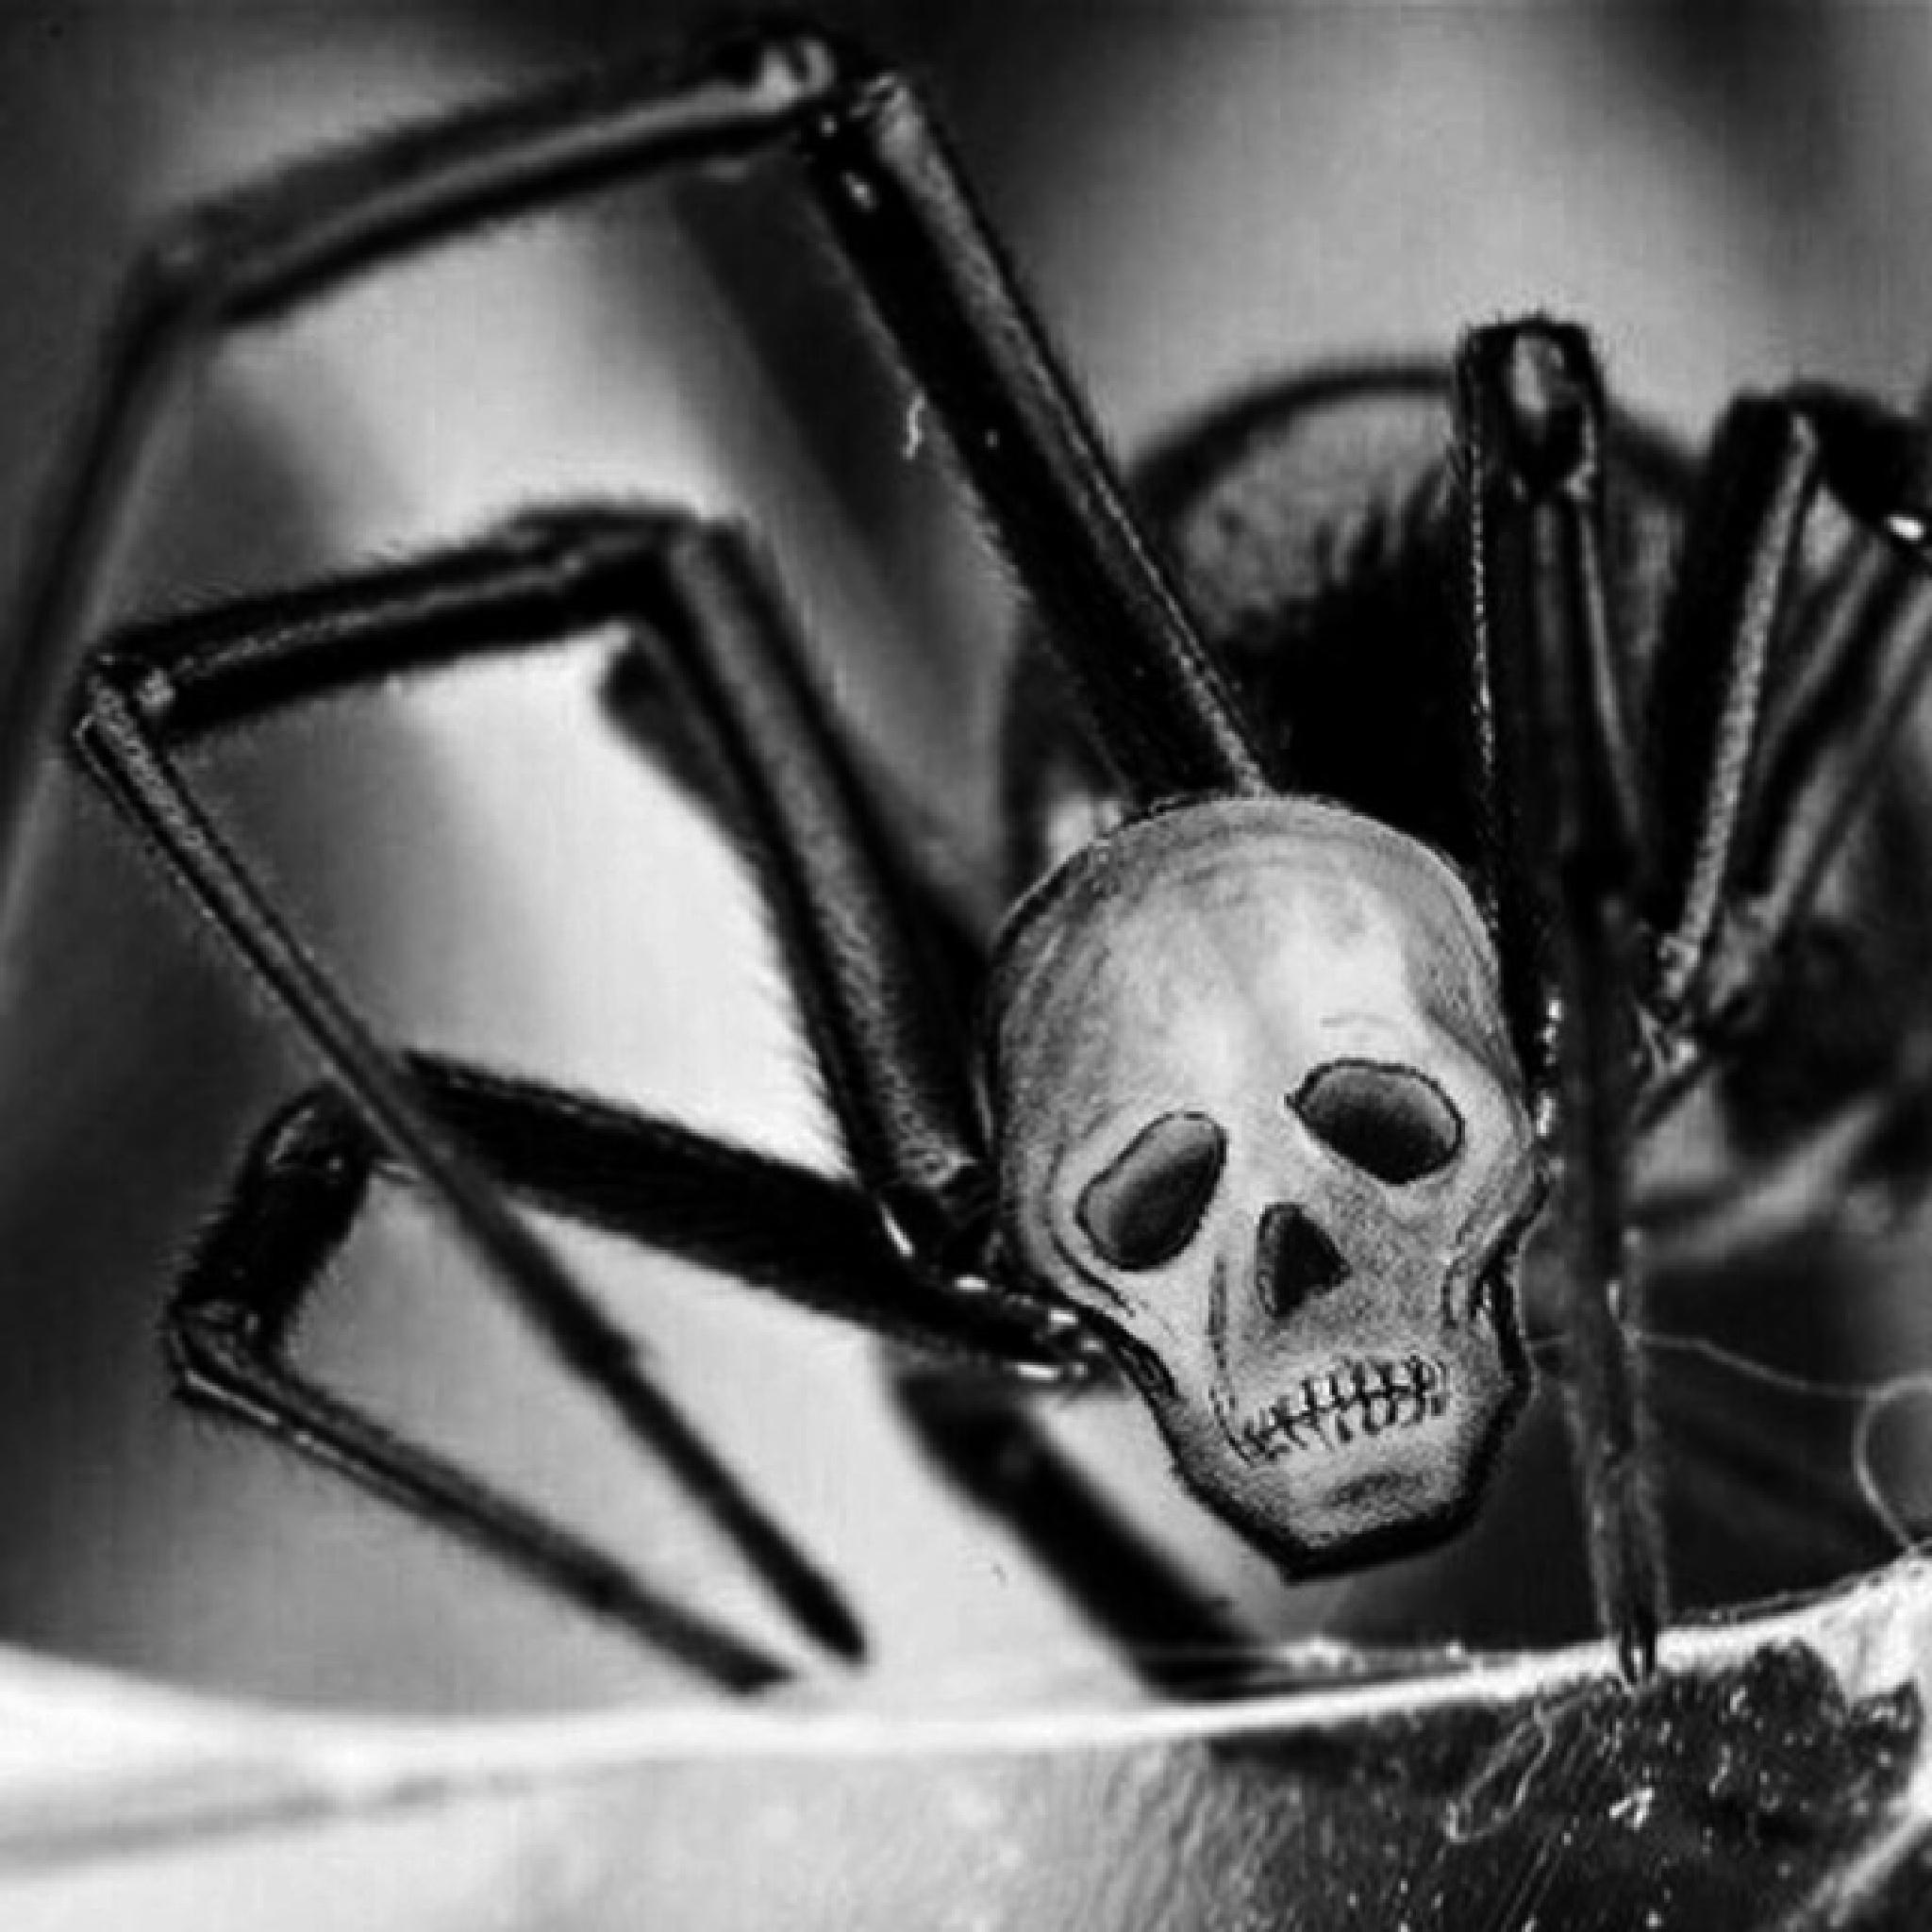 Death Comes Creeping by Devin Cherubini